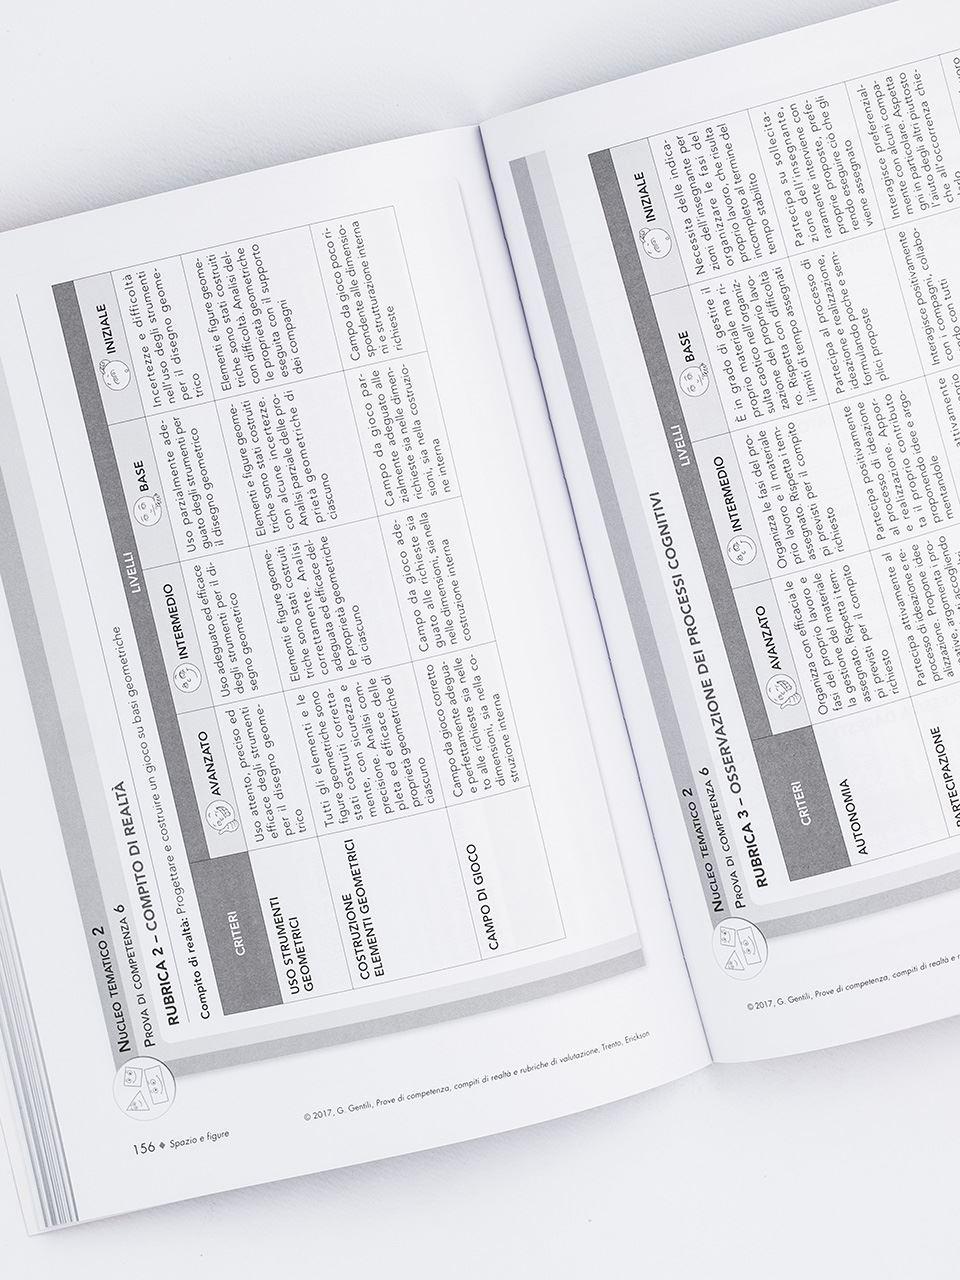 Prove di competenza, compiti di realtà e rubriche  - Libri - Erickson 2